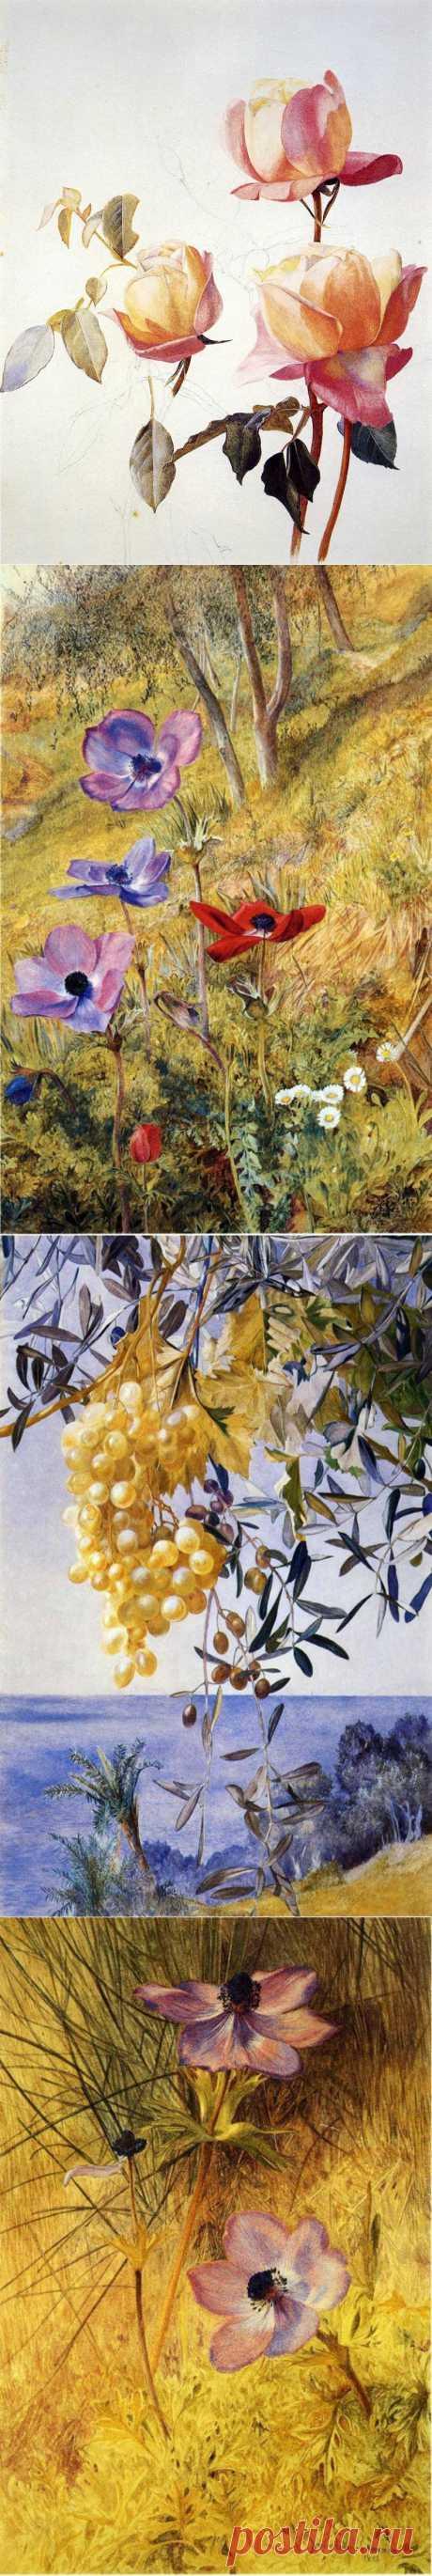 Американский художник-самоучка Henry Roderick Newman (1883 - 1918) - мастерски владел техникой акварели..